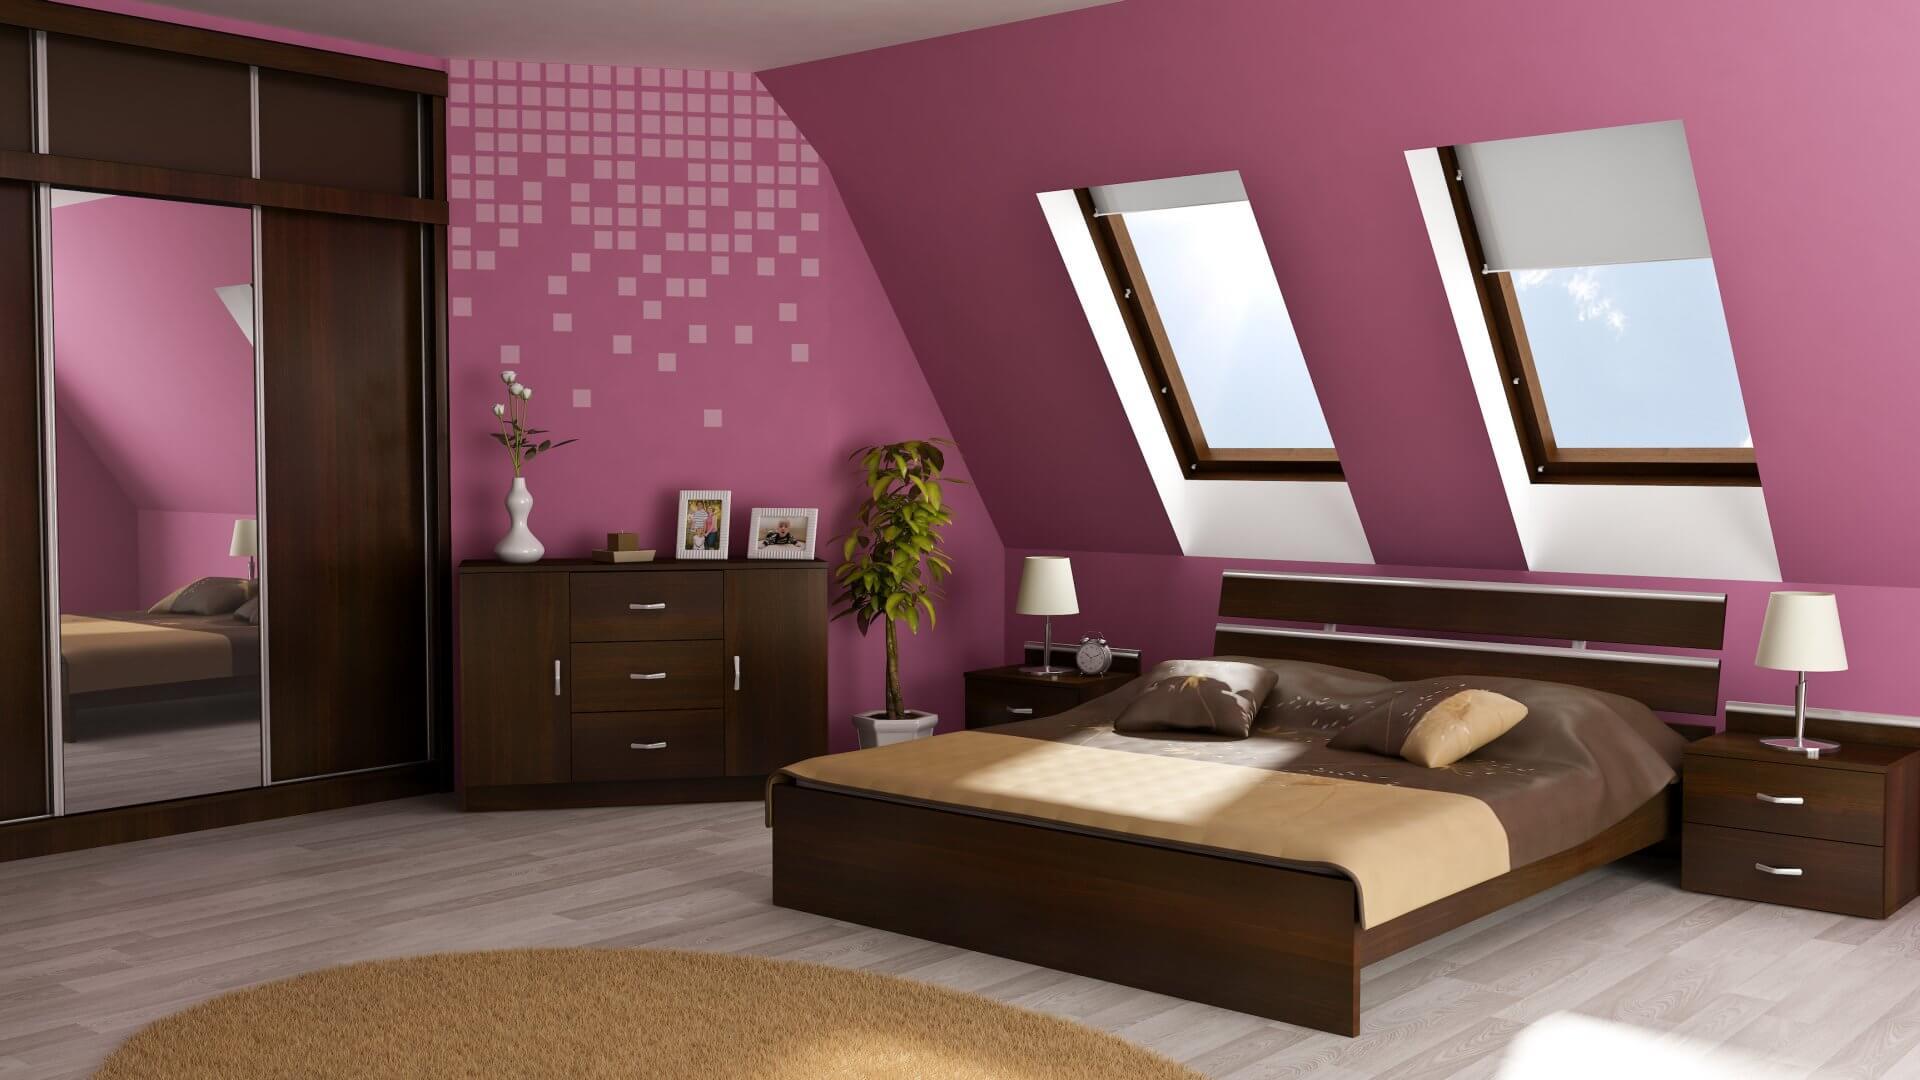 Pogotowie 3D - Wizualizacja wnętrza - salonu, kuchni, sypialni, łazienki